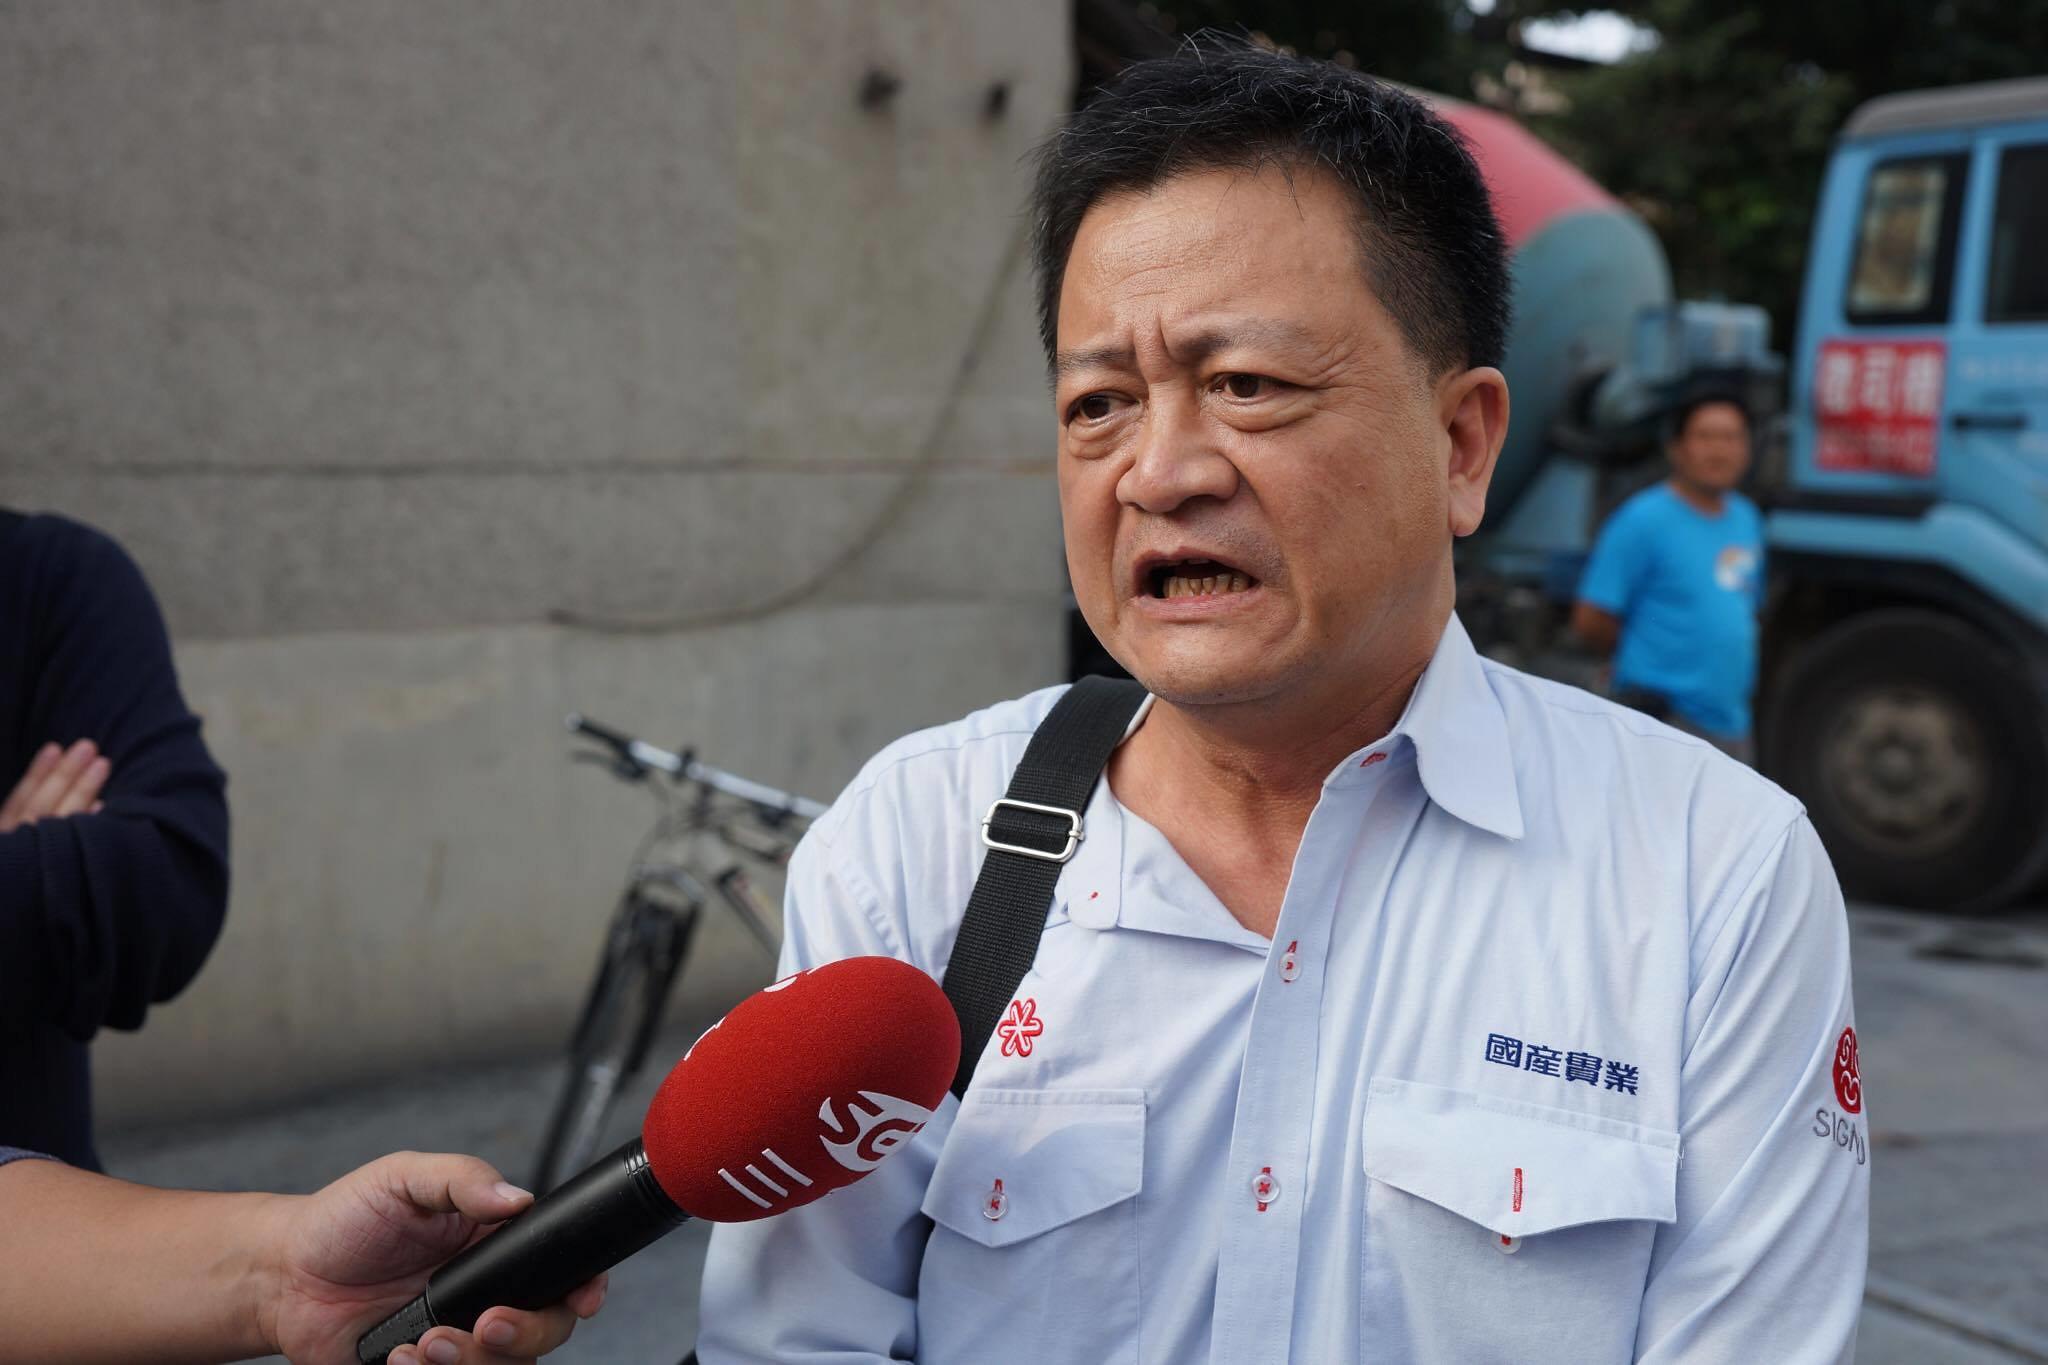 水泥廠廠長高銘和出面與工會協調,表示自己見不到老闆,見不到林家人,只能像他的主管反映。(攝影:王顥中)